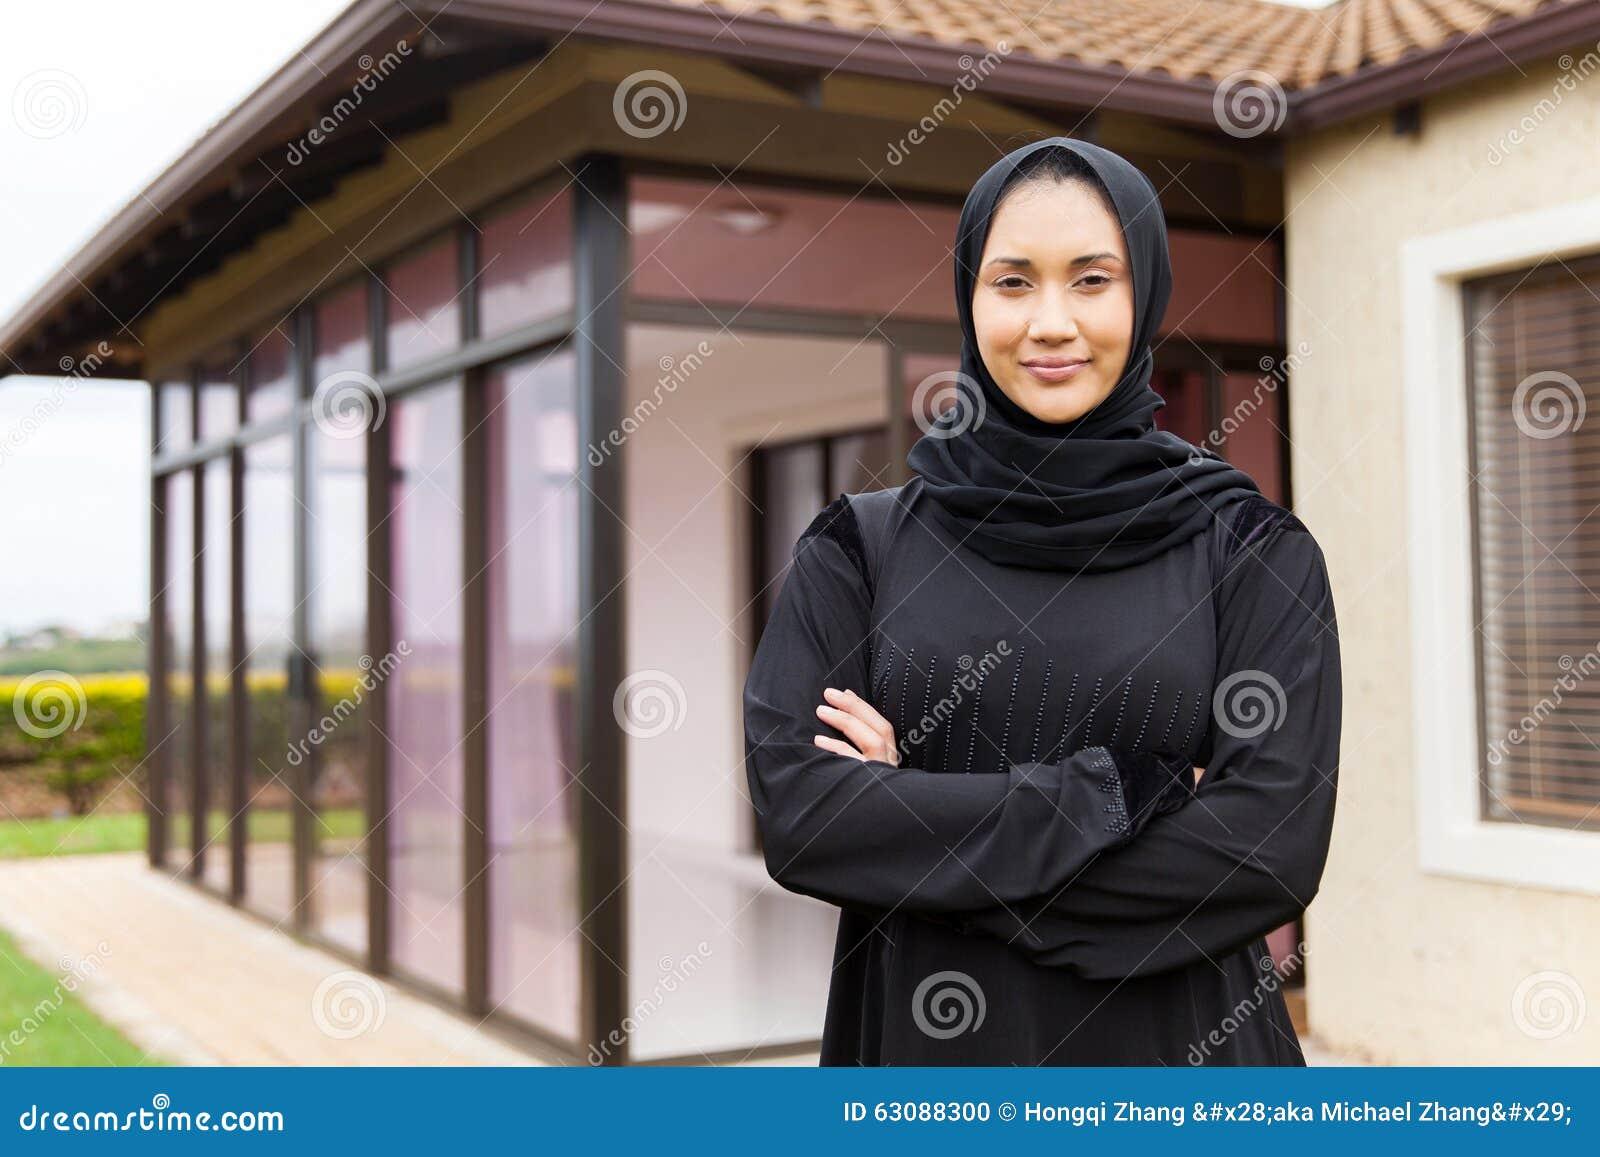 Download Position Du Moyen-Orient De Femme Photo stock - Image du adulte, islam: 63088300